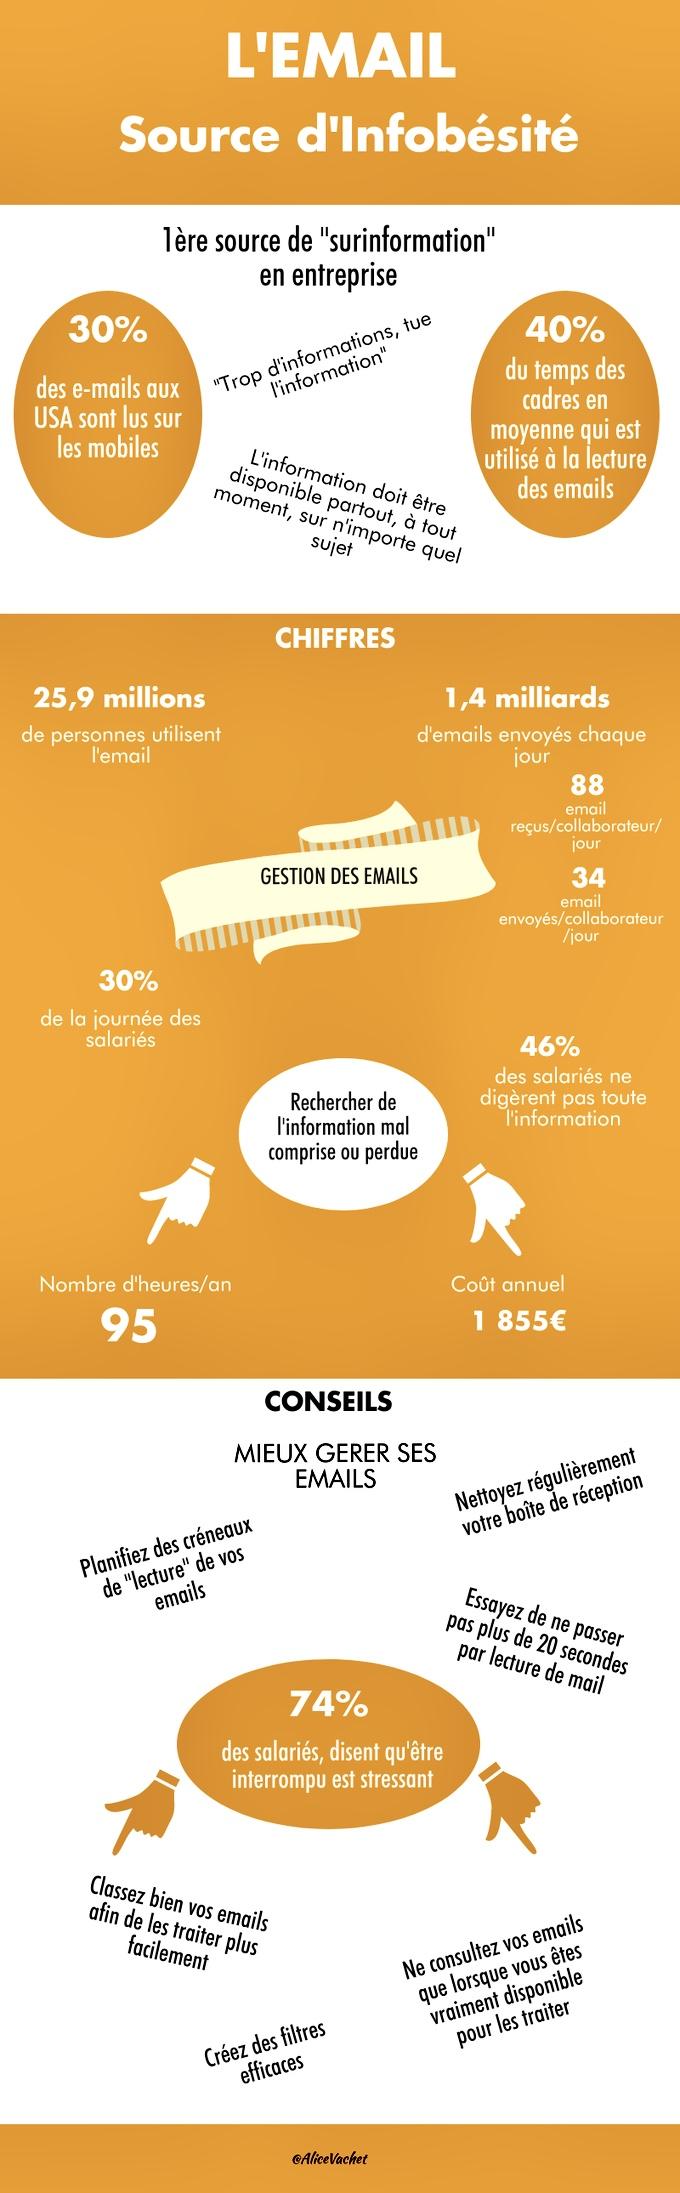 [Infographie] L'e-mail : sourced'infobésité